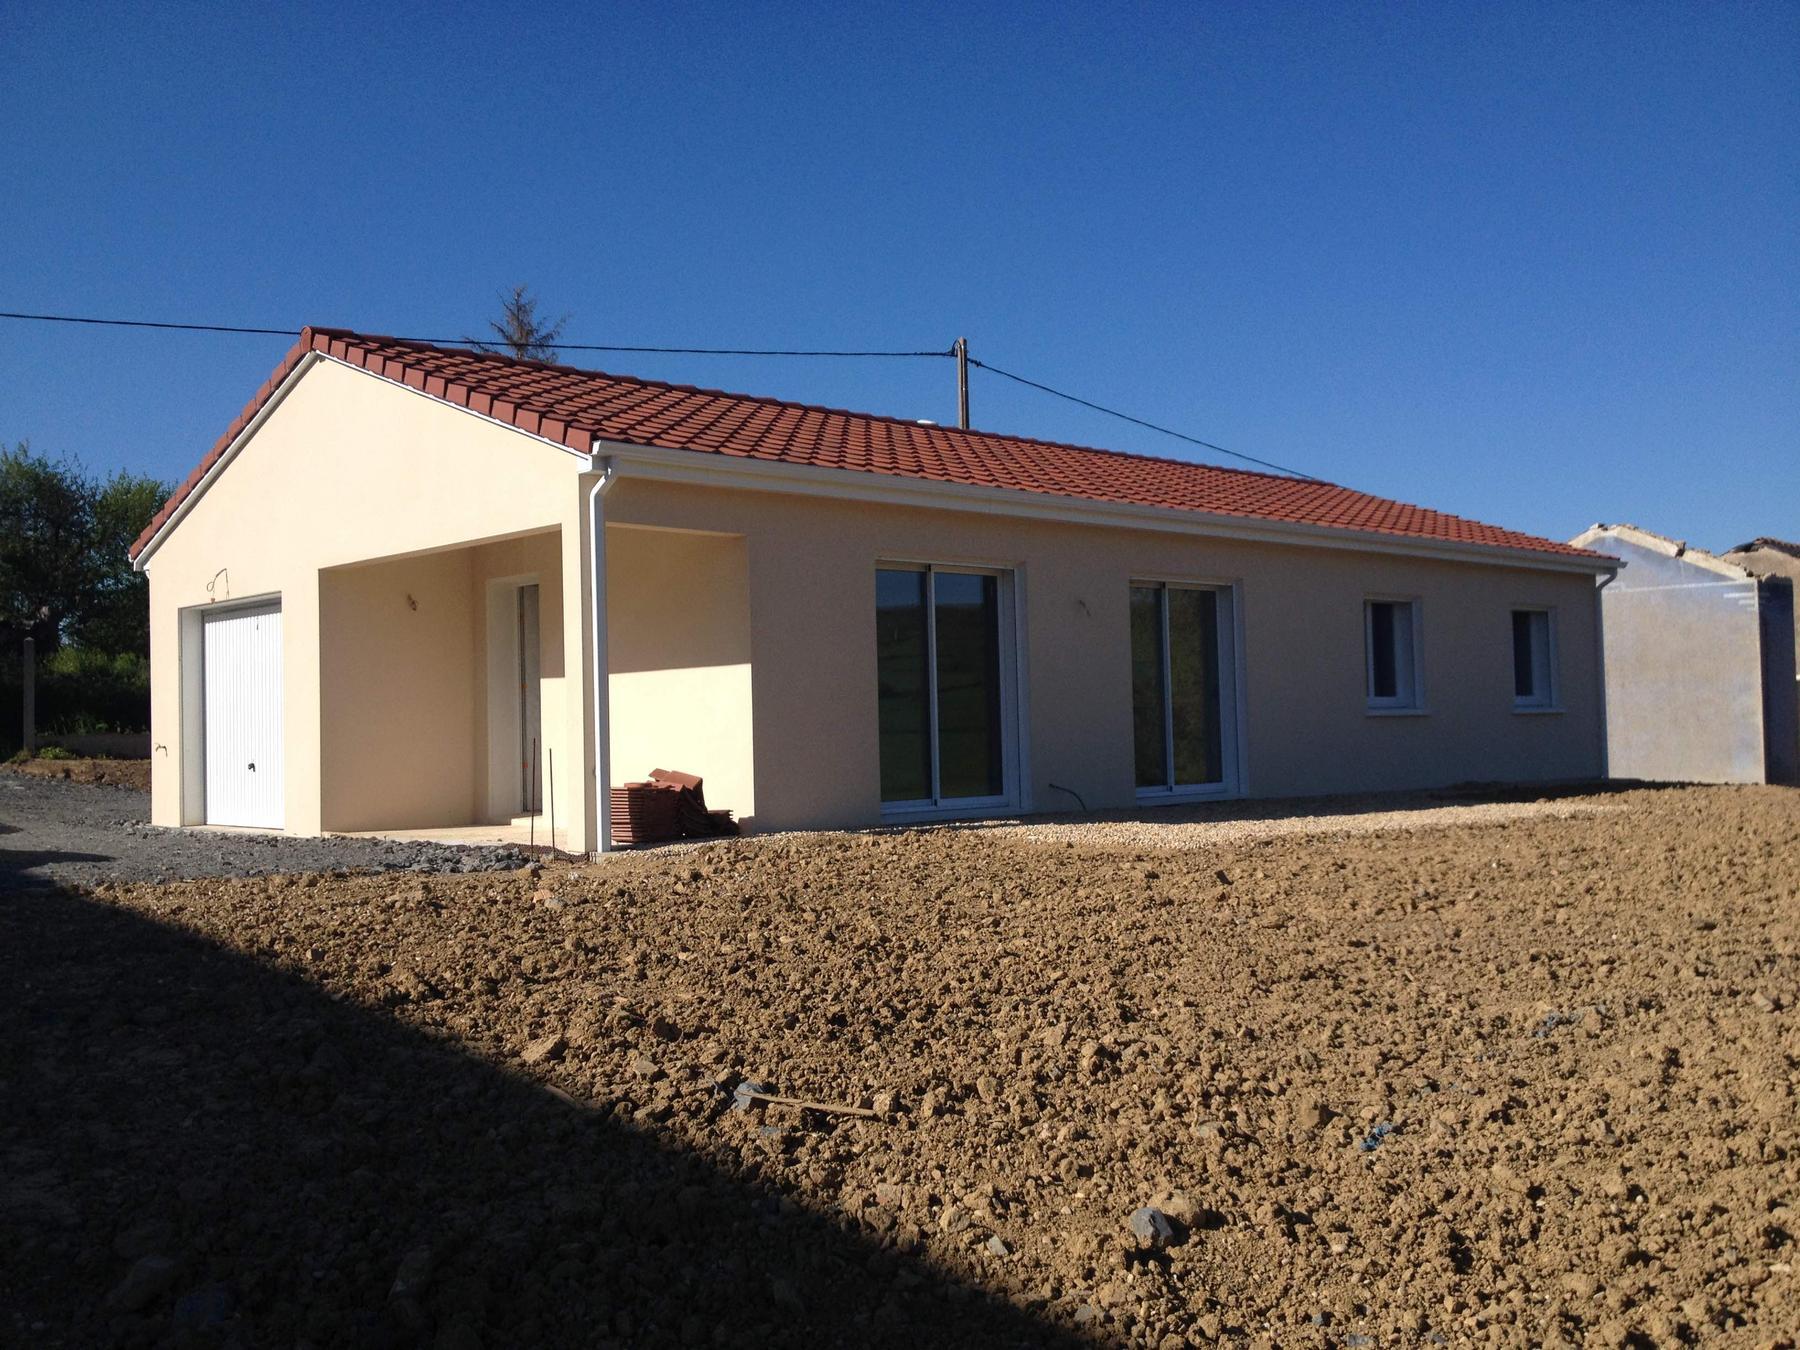 Matour vers cluny et macon maison 3 chambres construire for Constructeur de maison individuelle pas cher